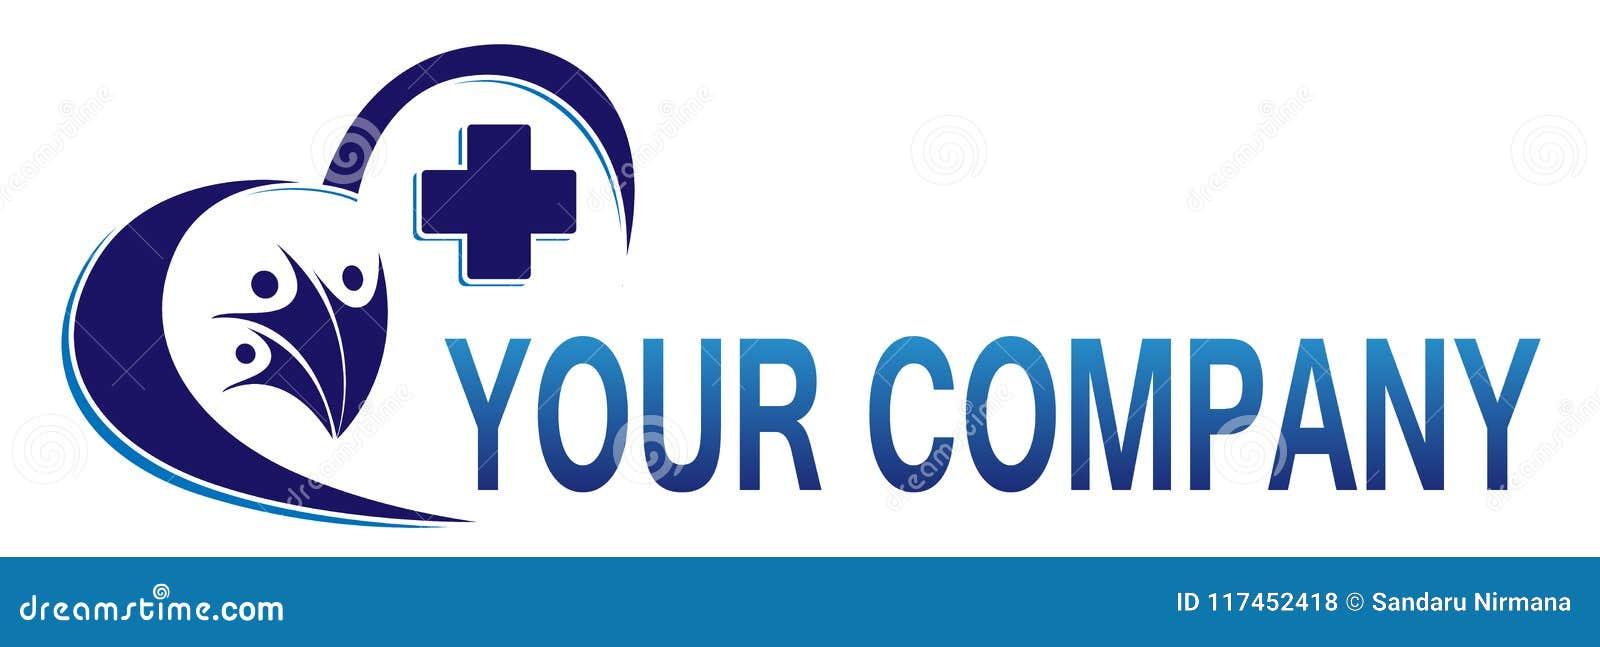 Медицинский перекрестный значок логотипа здоровья семьи сердца для компании